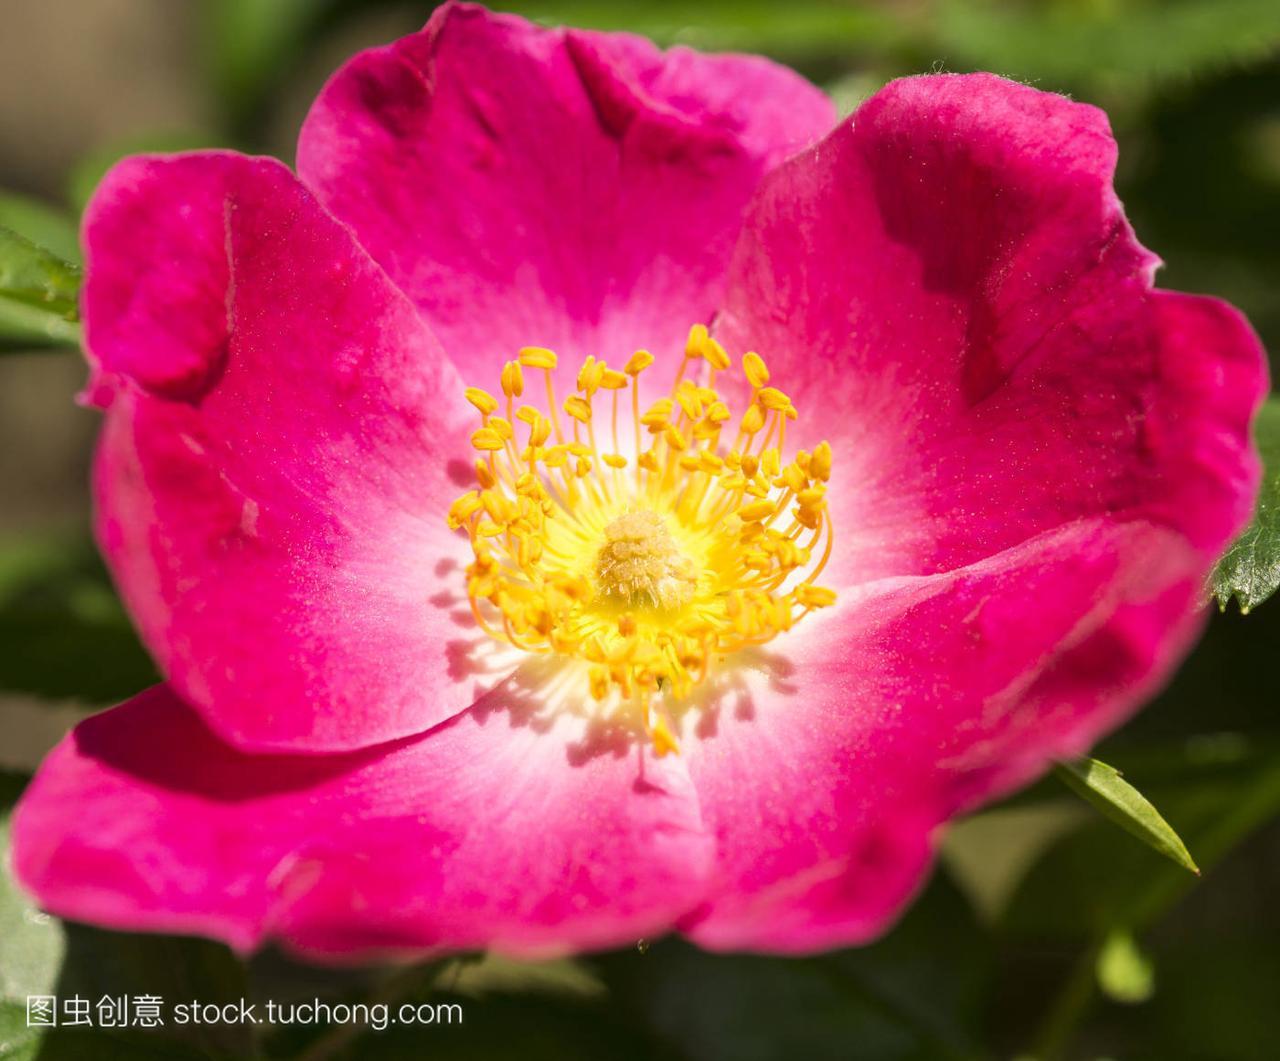 蜂,bumblebee,喜欢,Bloom,盛开,blossom,茂盛,为什么乌龟开花泡水图片